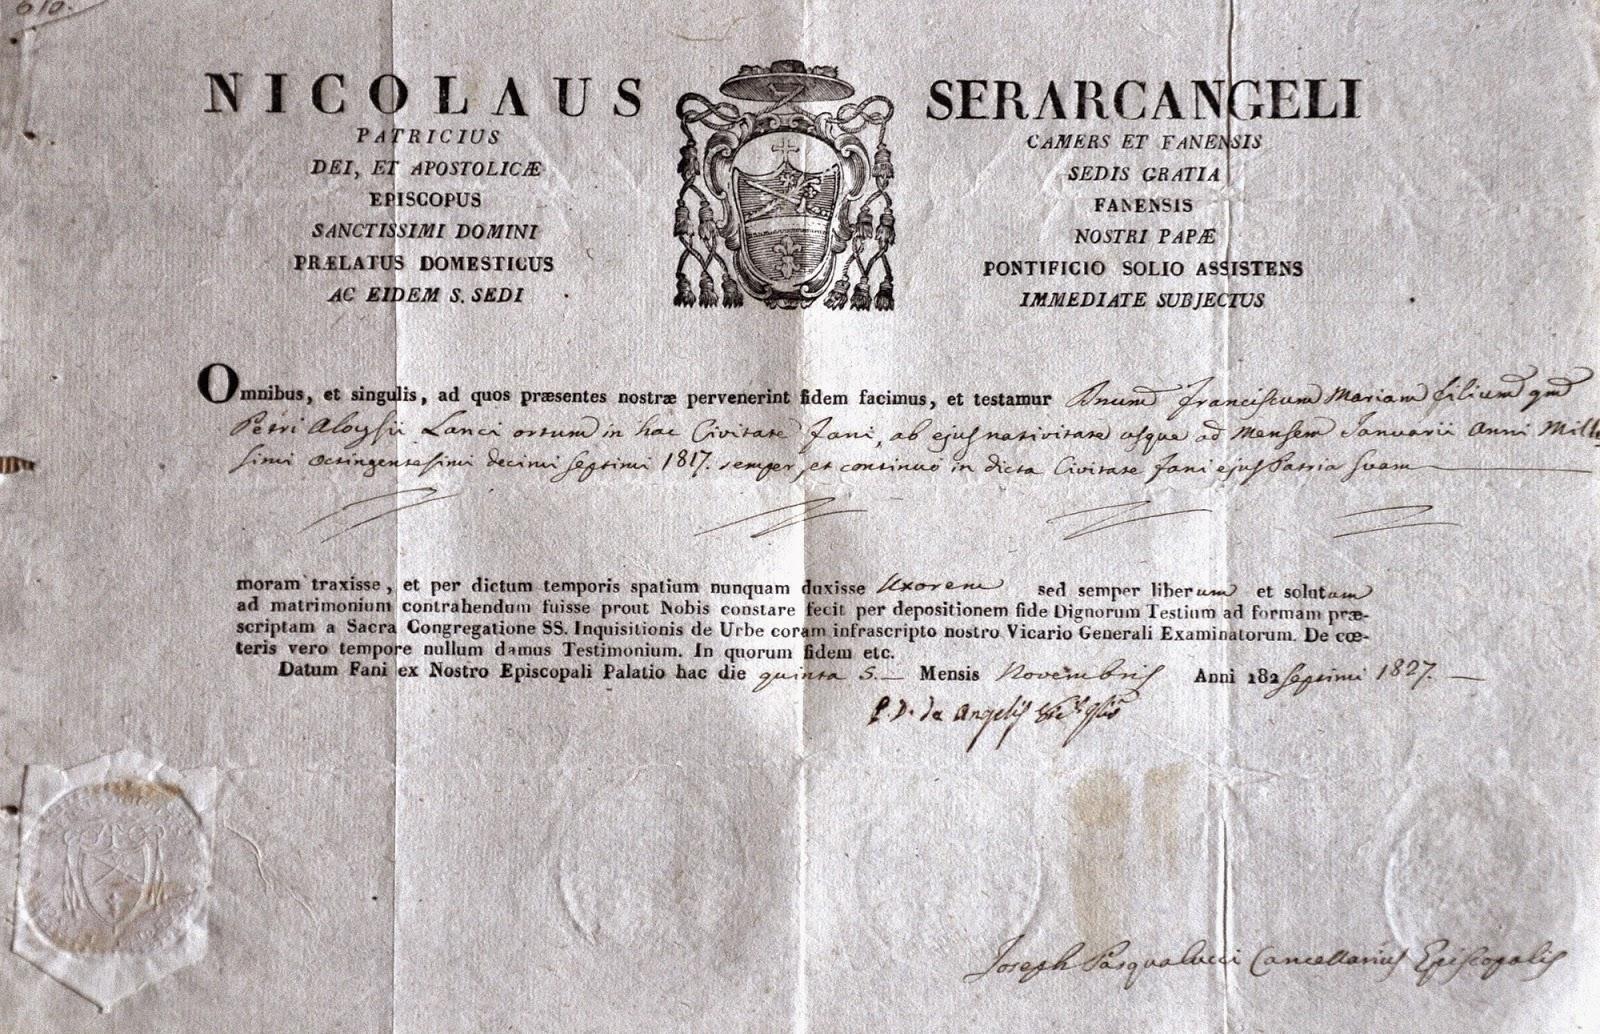 Dokument, który towarzyszył z pewnością włoskiemu architektowi Franciszkowi Marii Lanciemu. Jeżeli kogoś zainteresuje jego odczytanie - prześlę lepszy skan. Dokument w zbiorach KW.